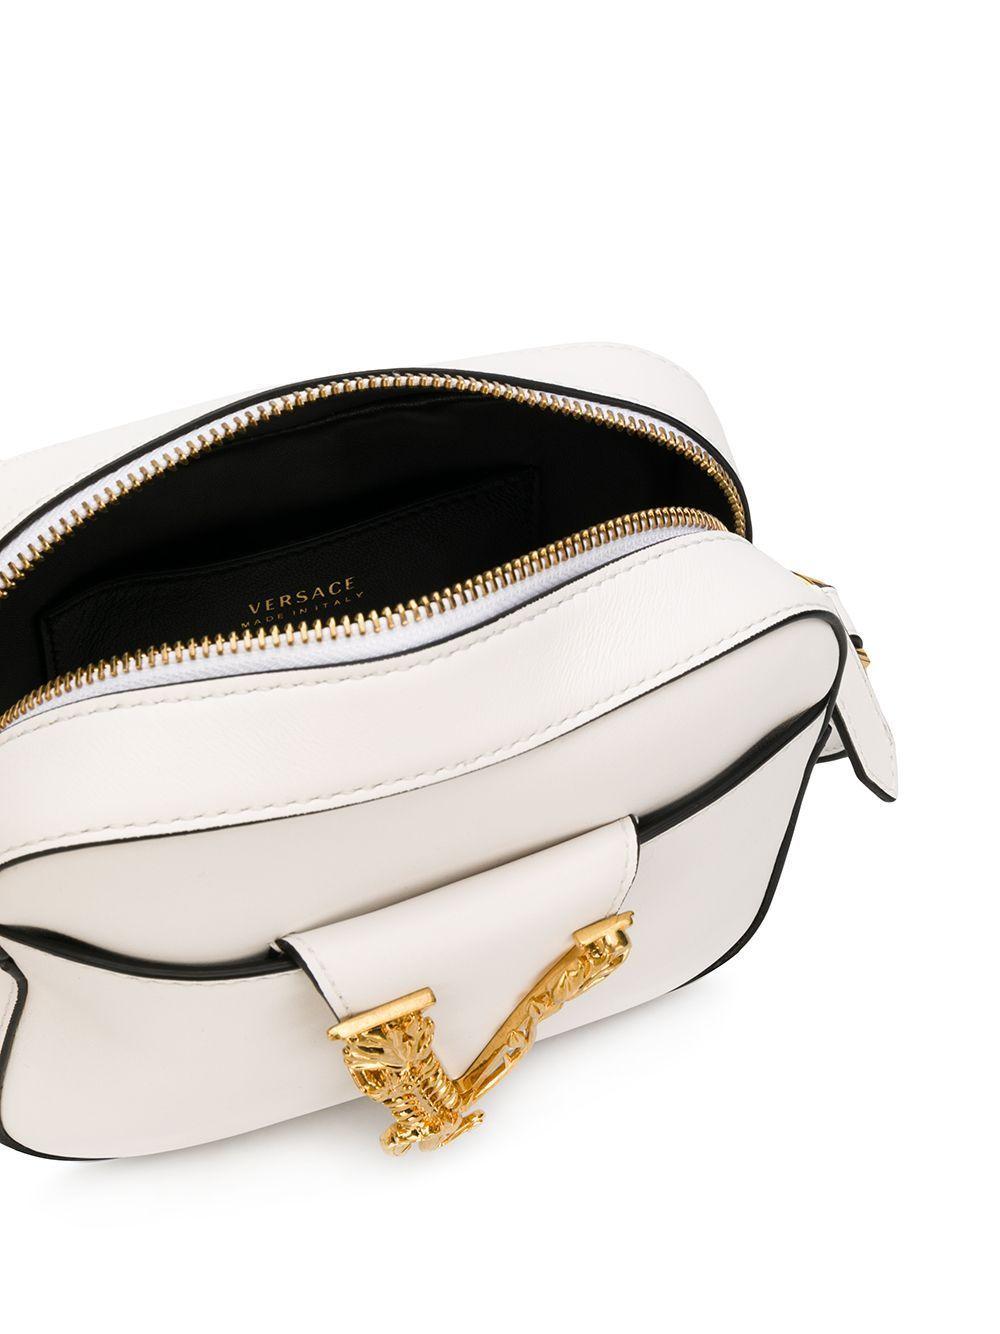 VERSACE WOMEN'S DBFH312D5VITK0AOT WHITE LEATHER SHOULDER BAG